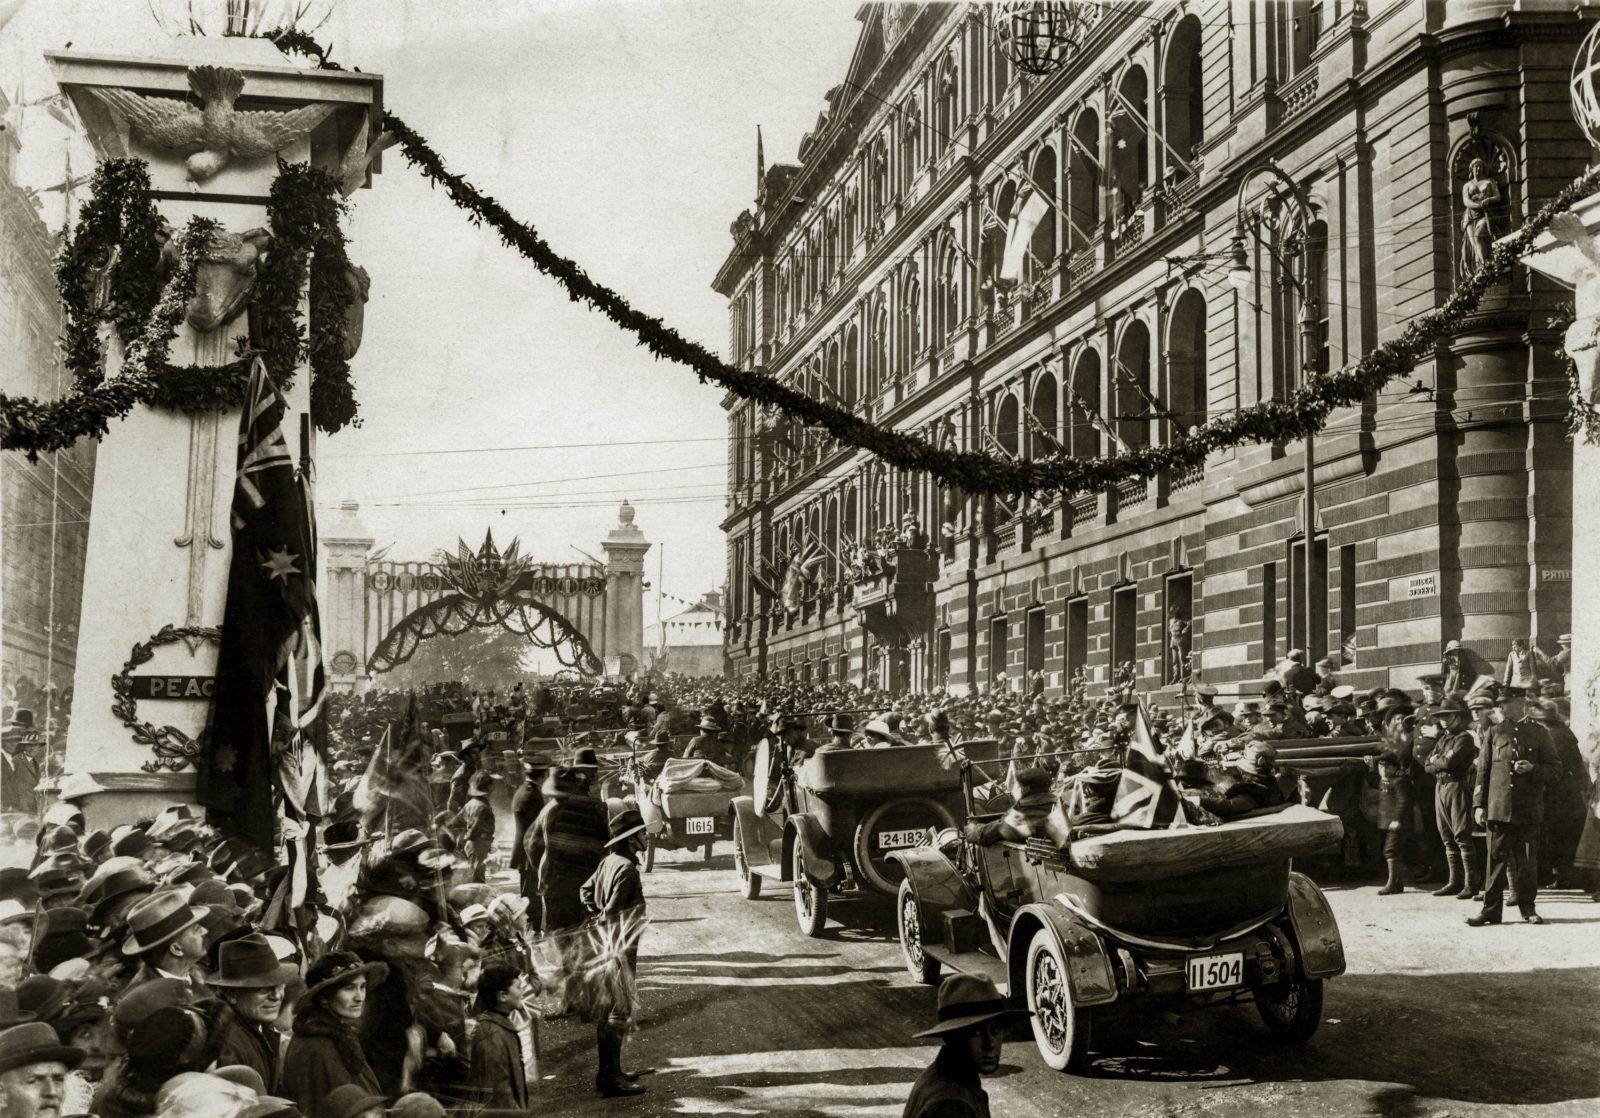 Macquarie Street celebrating the Armistice in 1919